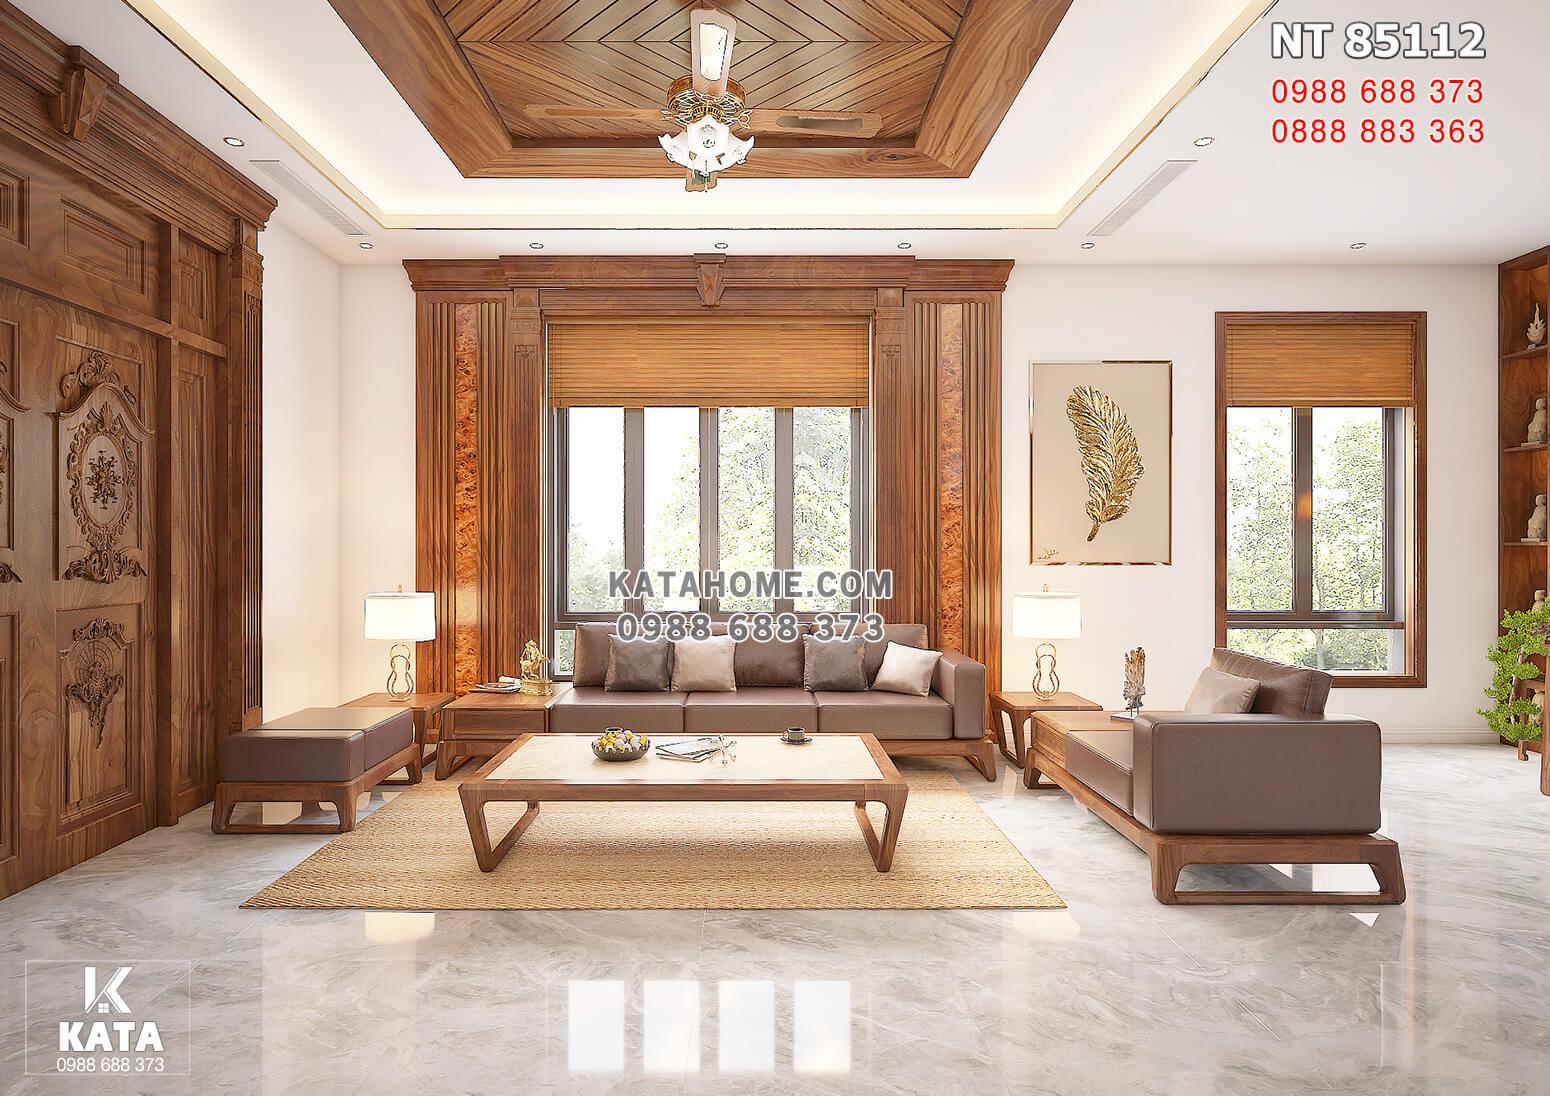 Hình ảnh: Không gian nội thất gỗ óc cho cho phòng khách